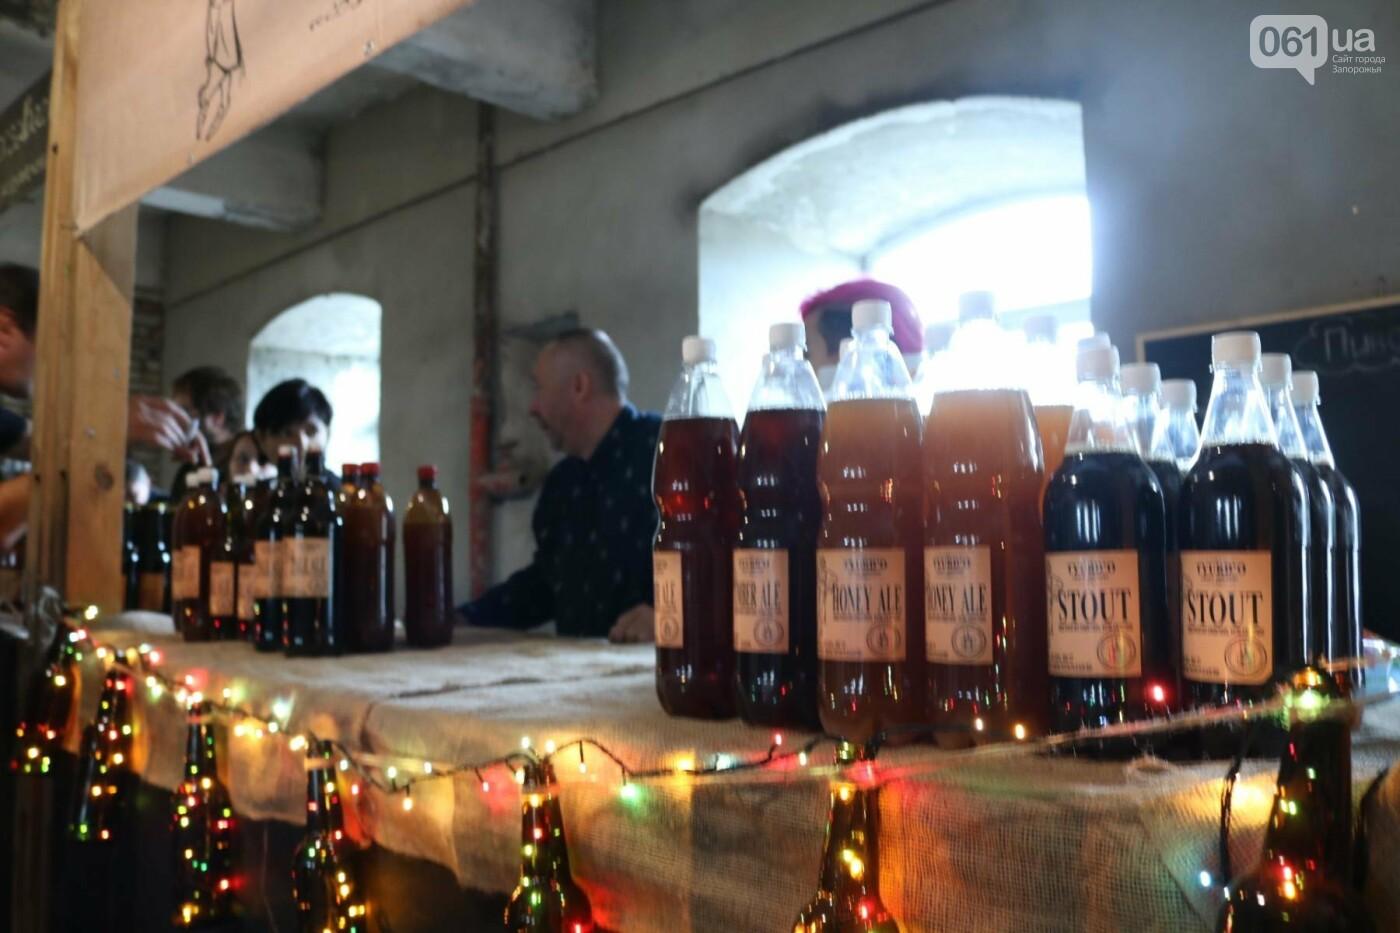 Как в Запорожье проходит фестиваль крафтового пива, - ФОТОРЕПОРТАЖ , фото-6